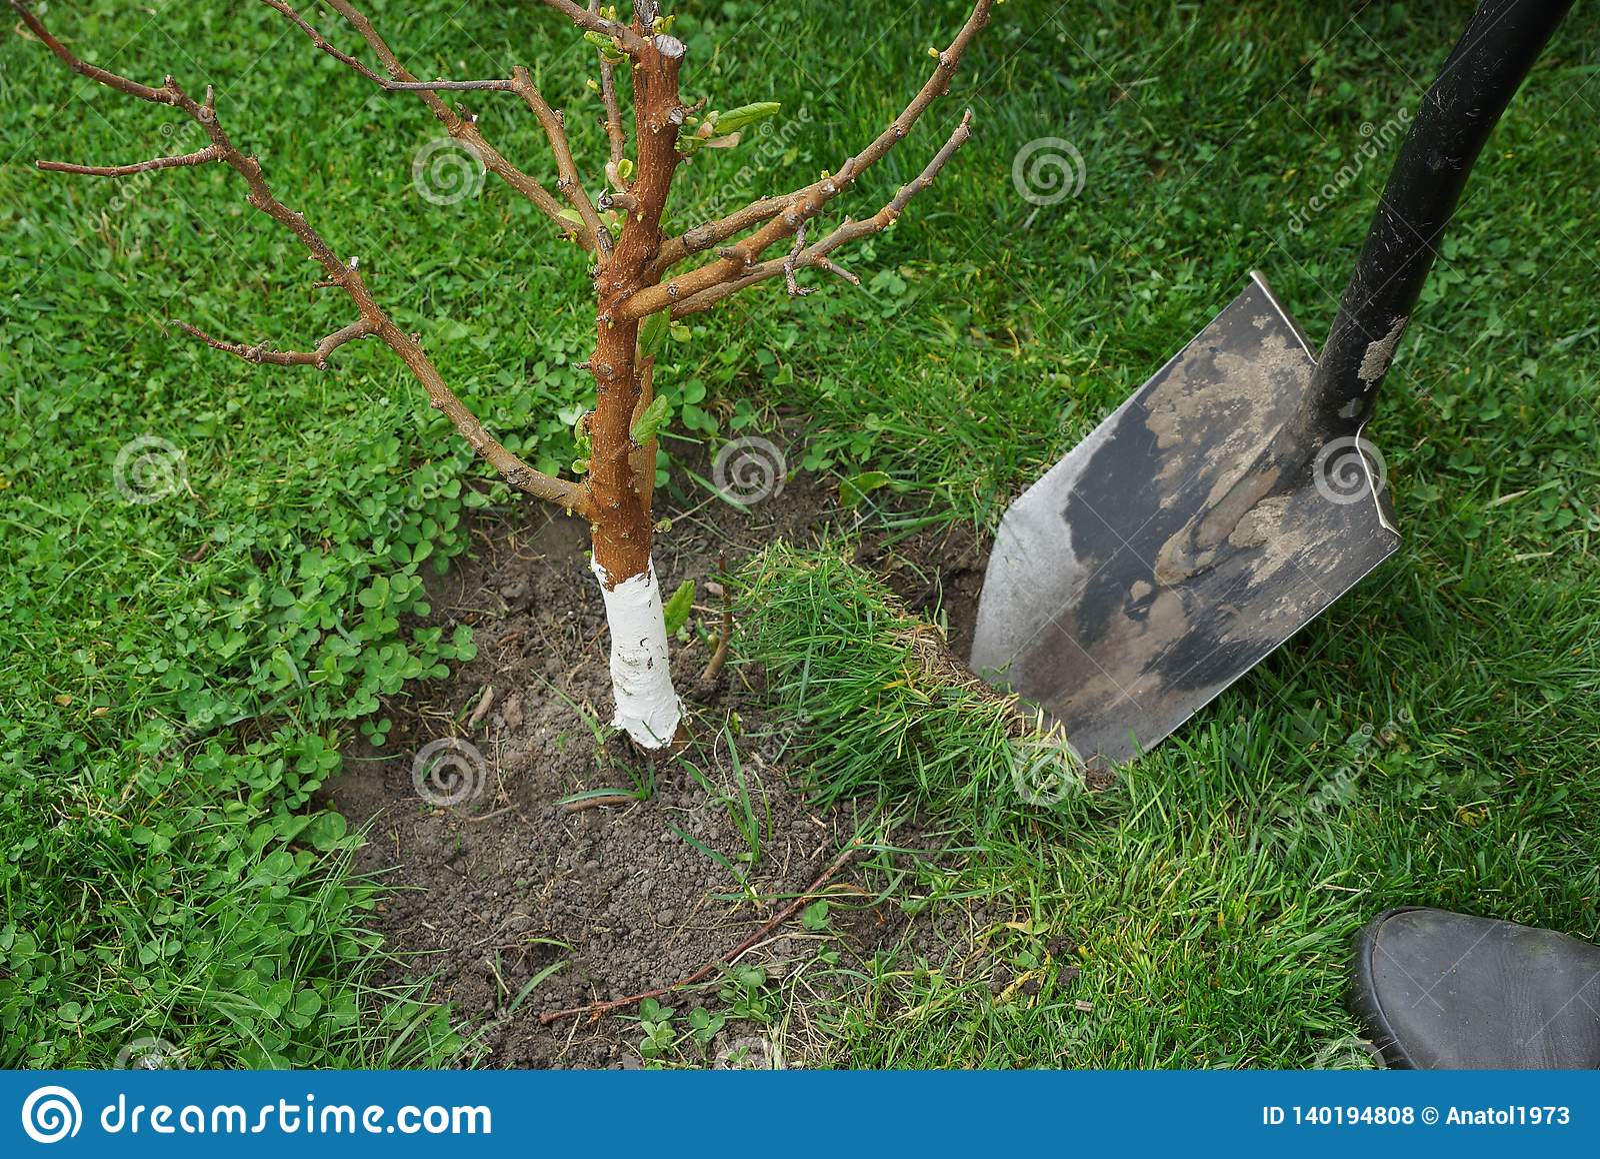 Раскопки лопаткоулавливателя в земле и зеленой траве деревом сада